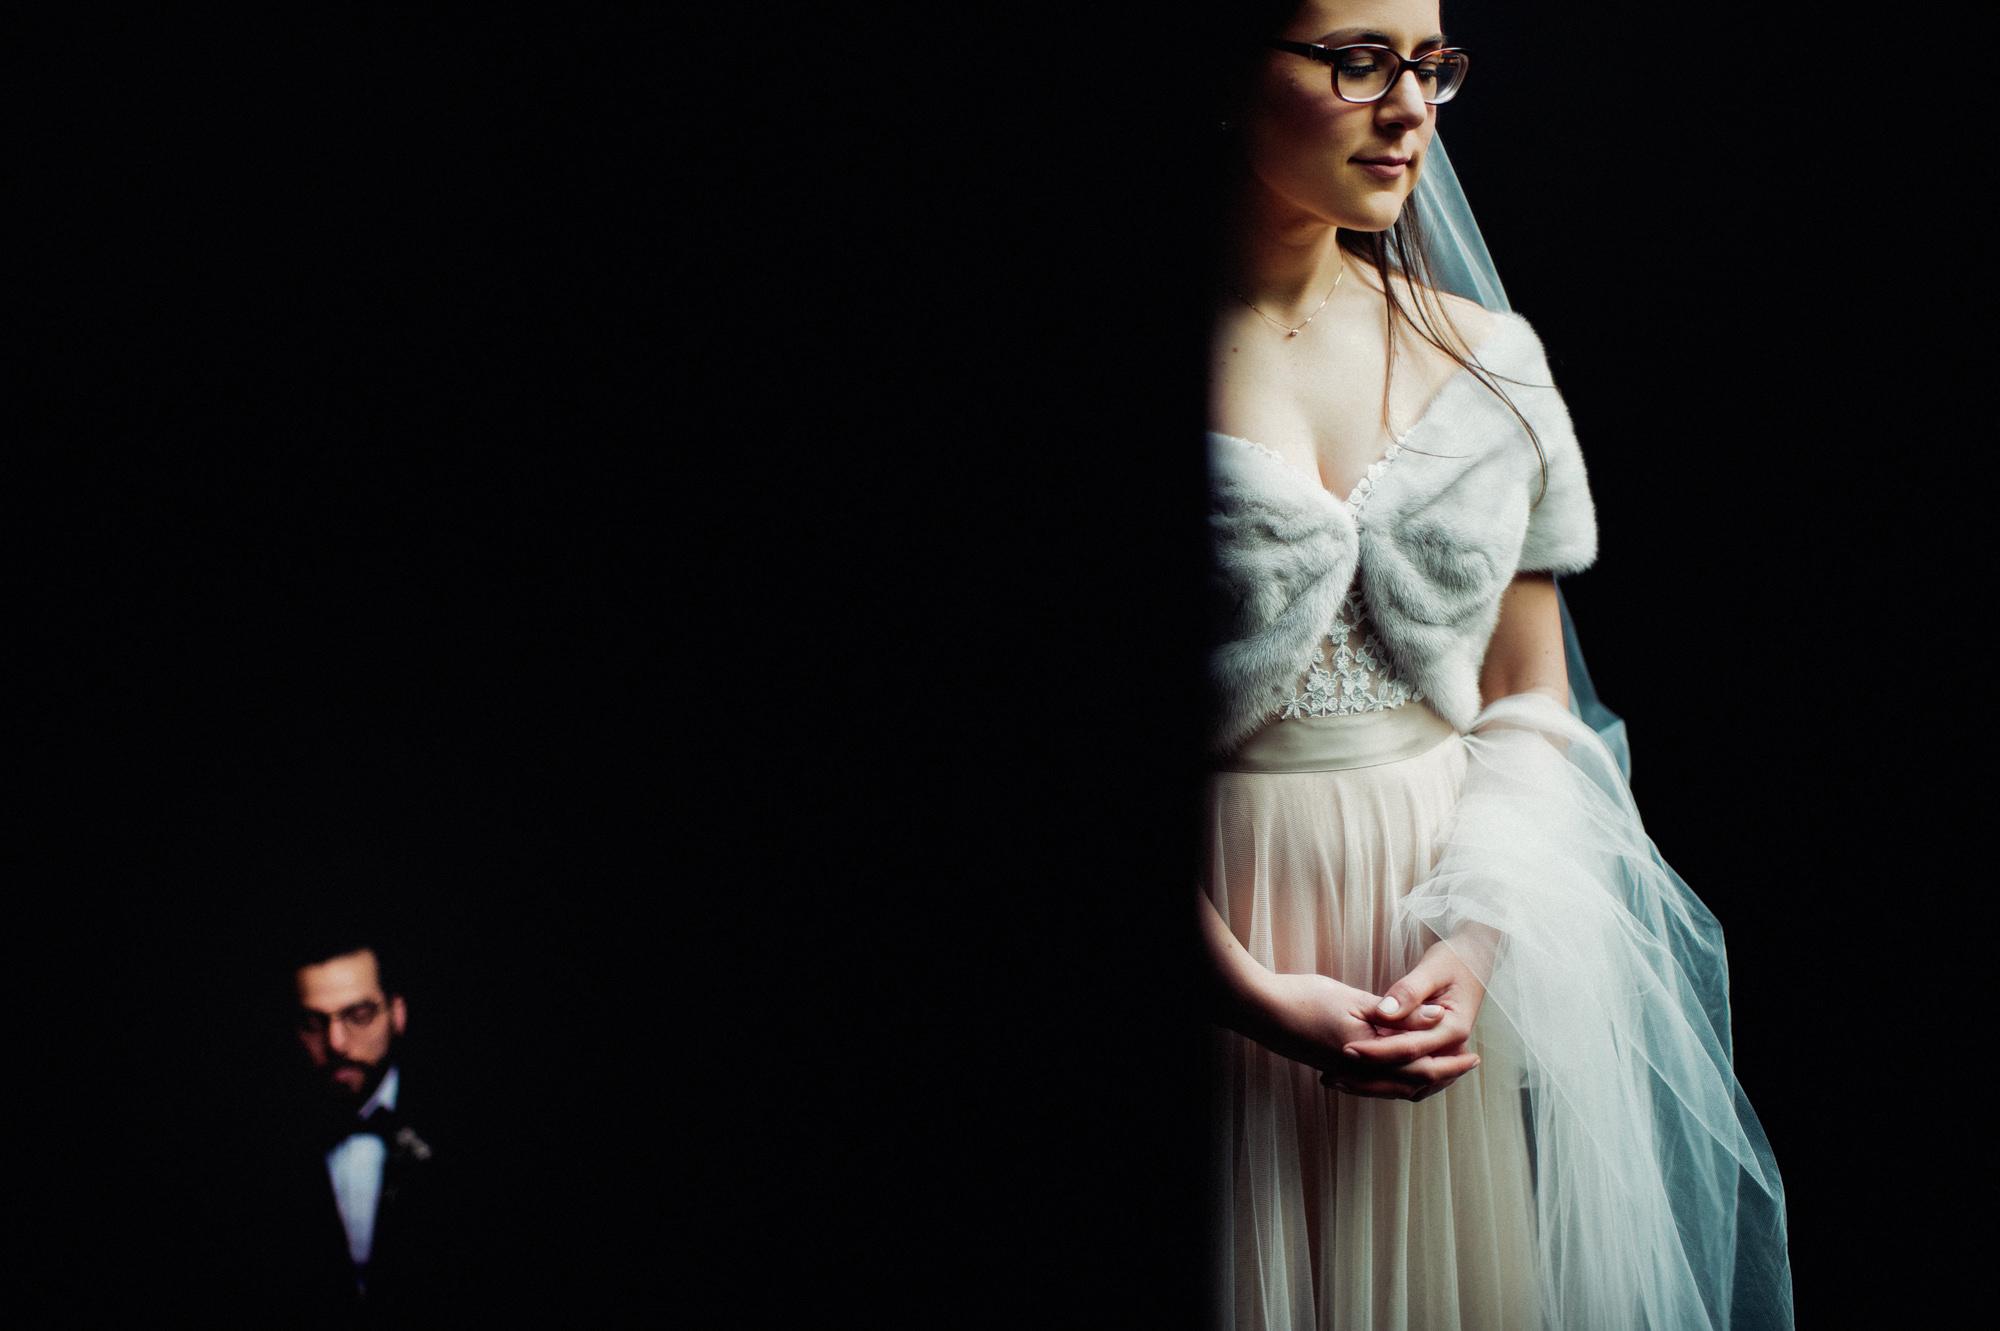 Creative wedding portrait of bride with fur shawl by Fer Juaristi